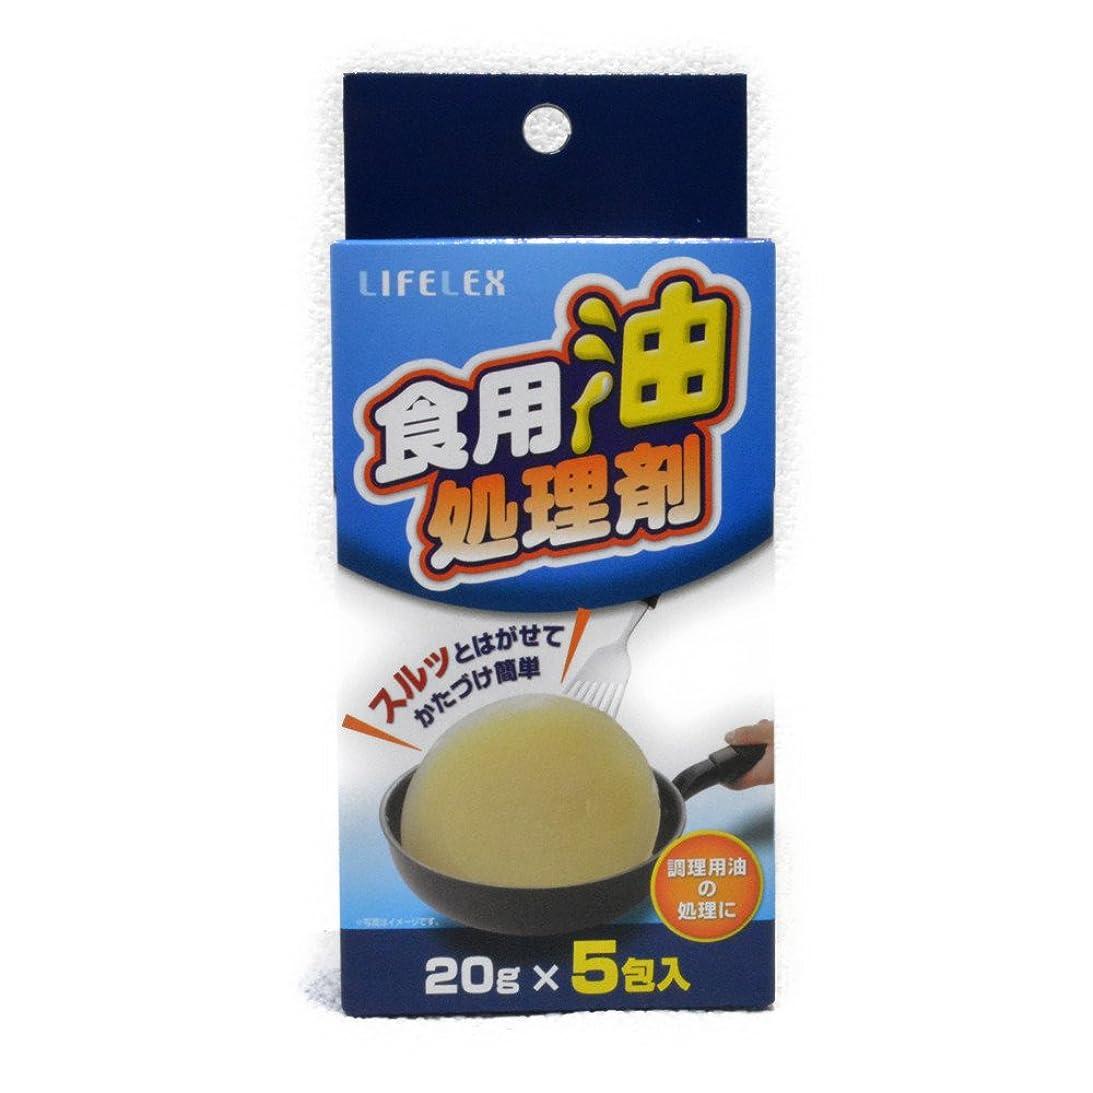 シャー発症野望コーナンオリジナル 食用油処理剤20g×5包入 TEKO05-8641